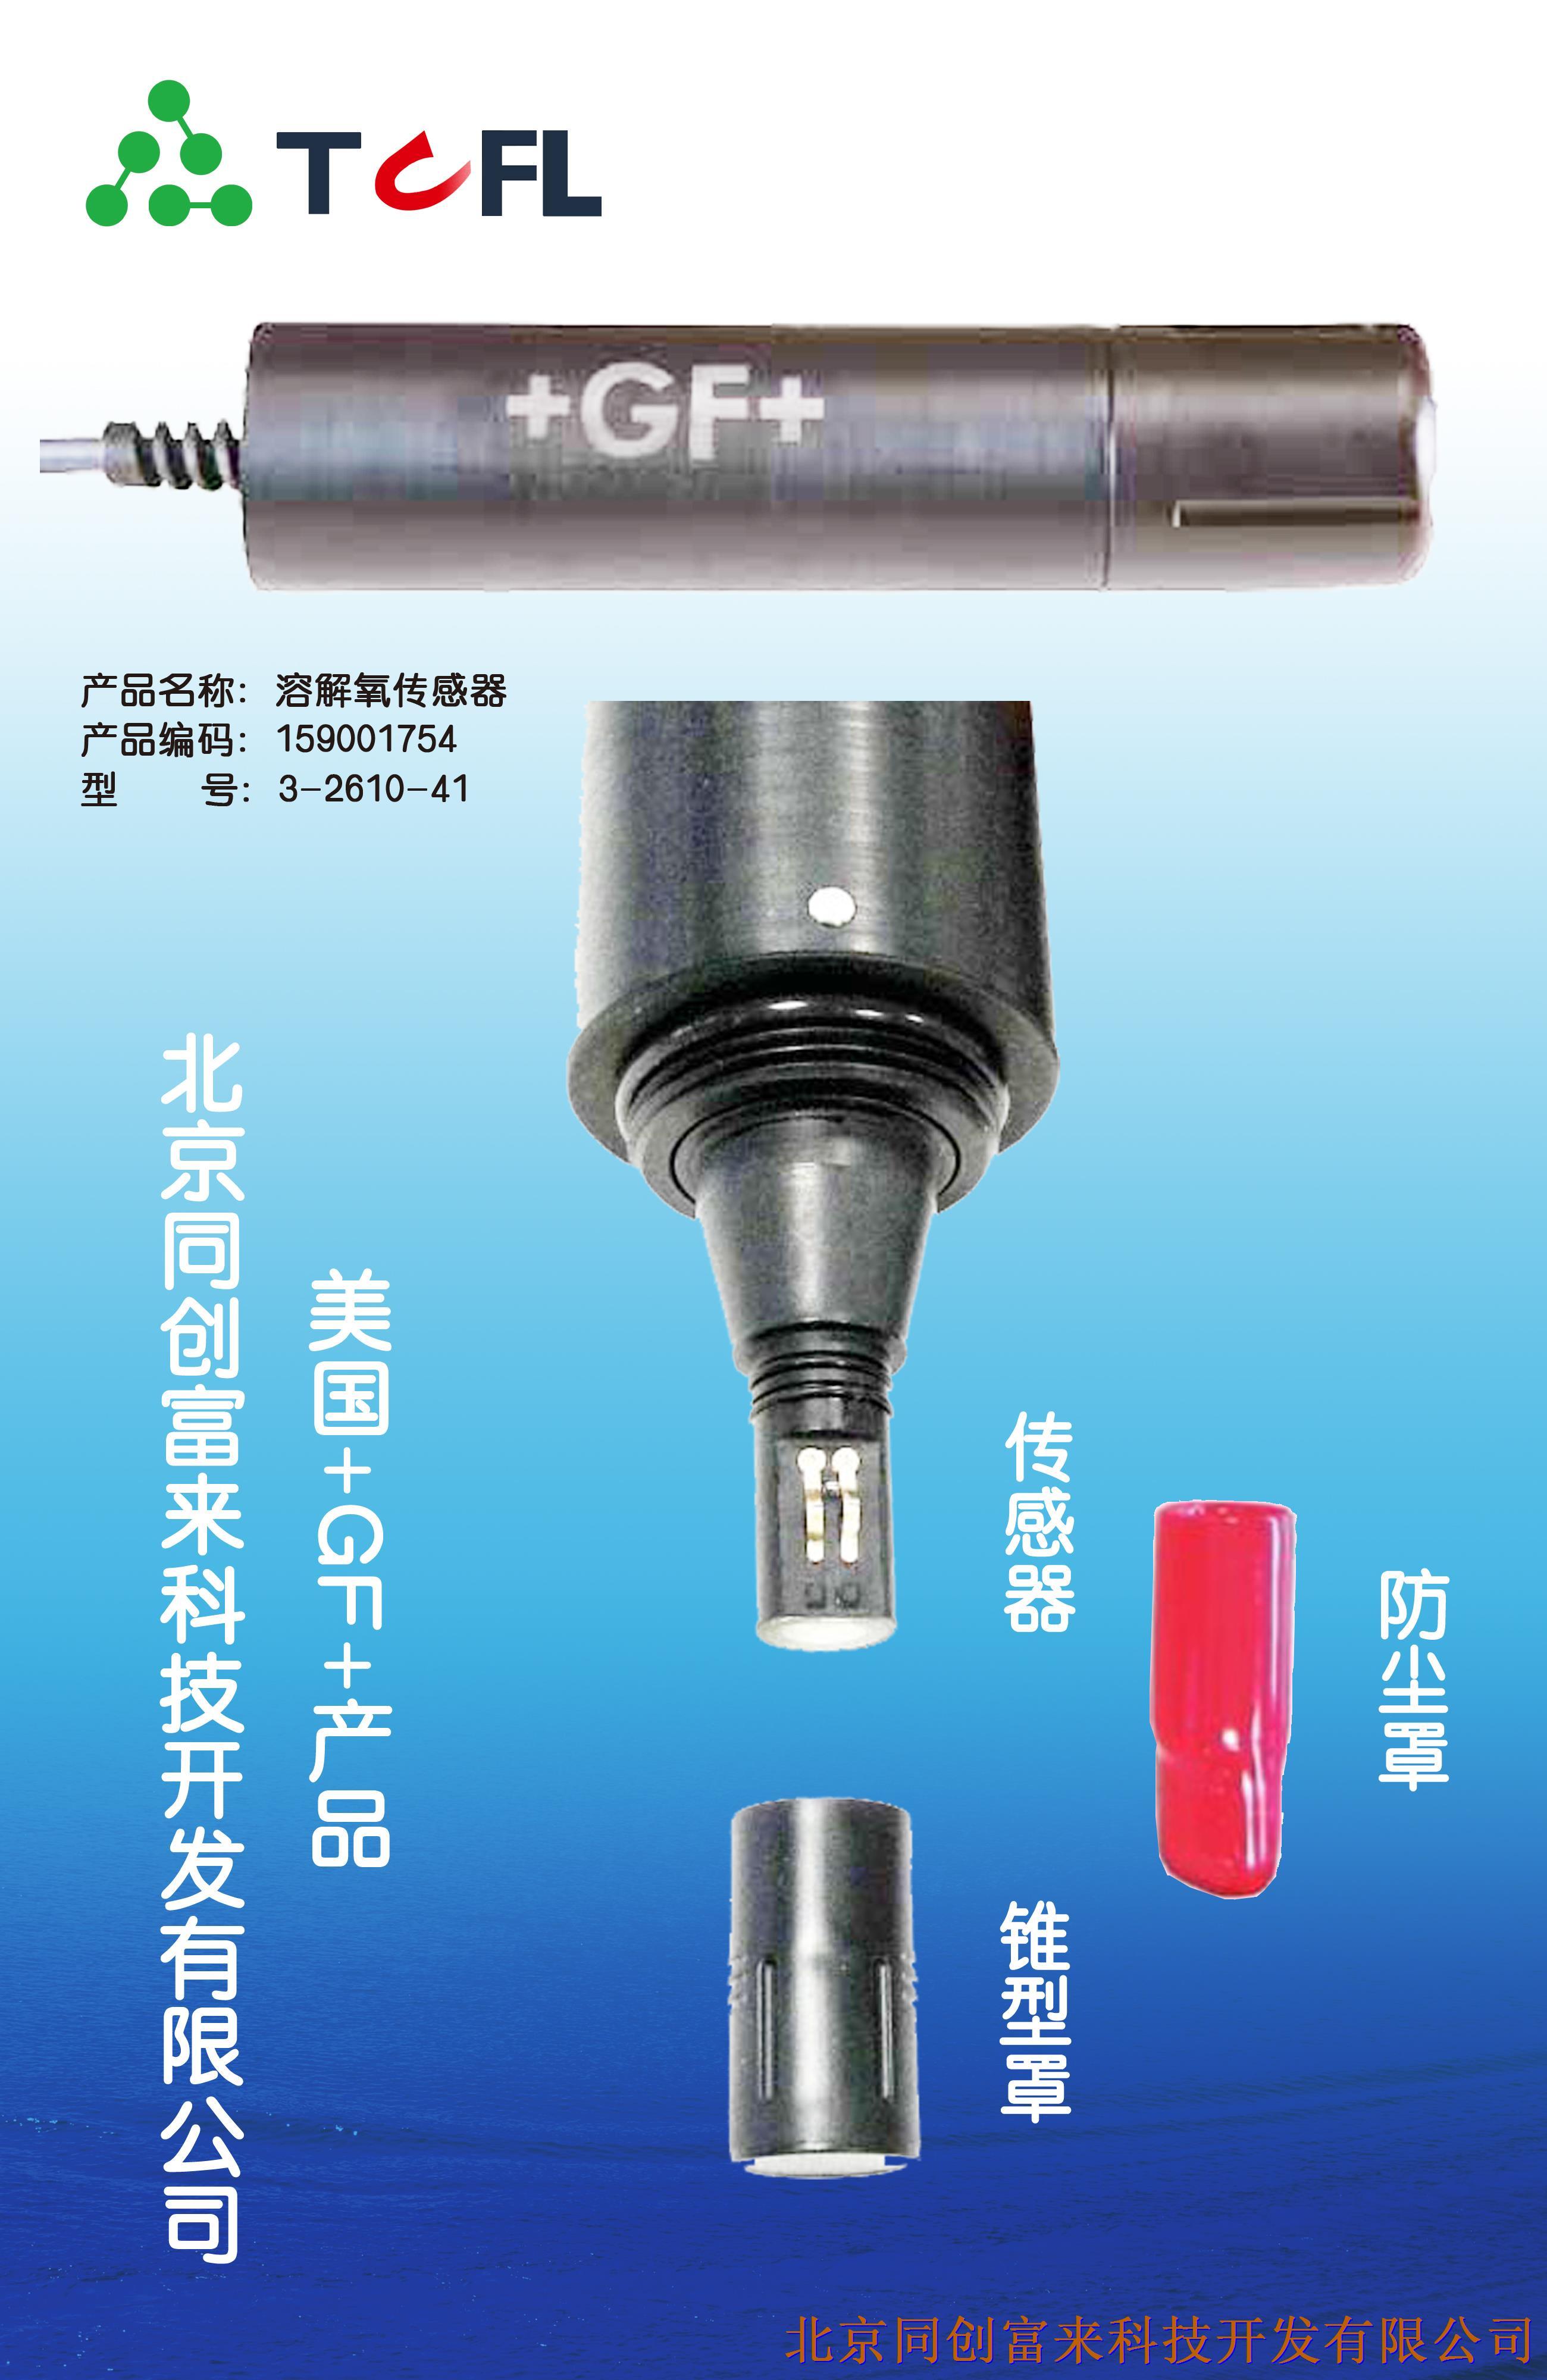 美国GF signet3-2610-31光学溶解氧传感器便携式溶解氧美国GF仪表订货码159001753带4-20mA